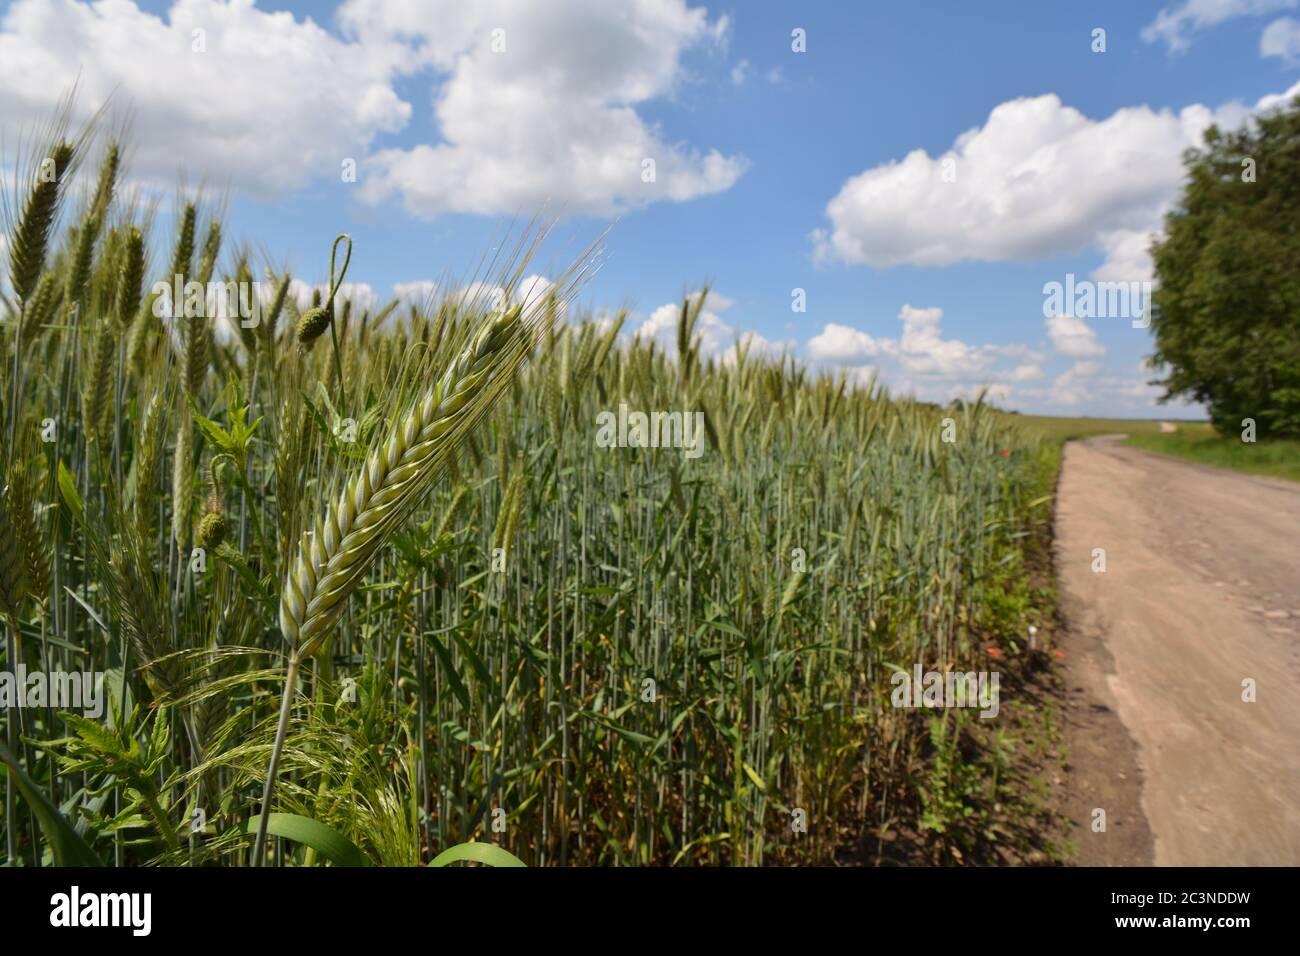 Oído de cebada cerrajada con un campo y una carretera de campo en el fondo Foto de stock